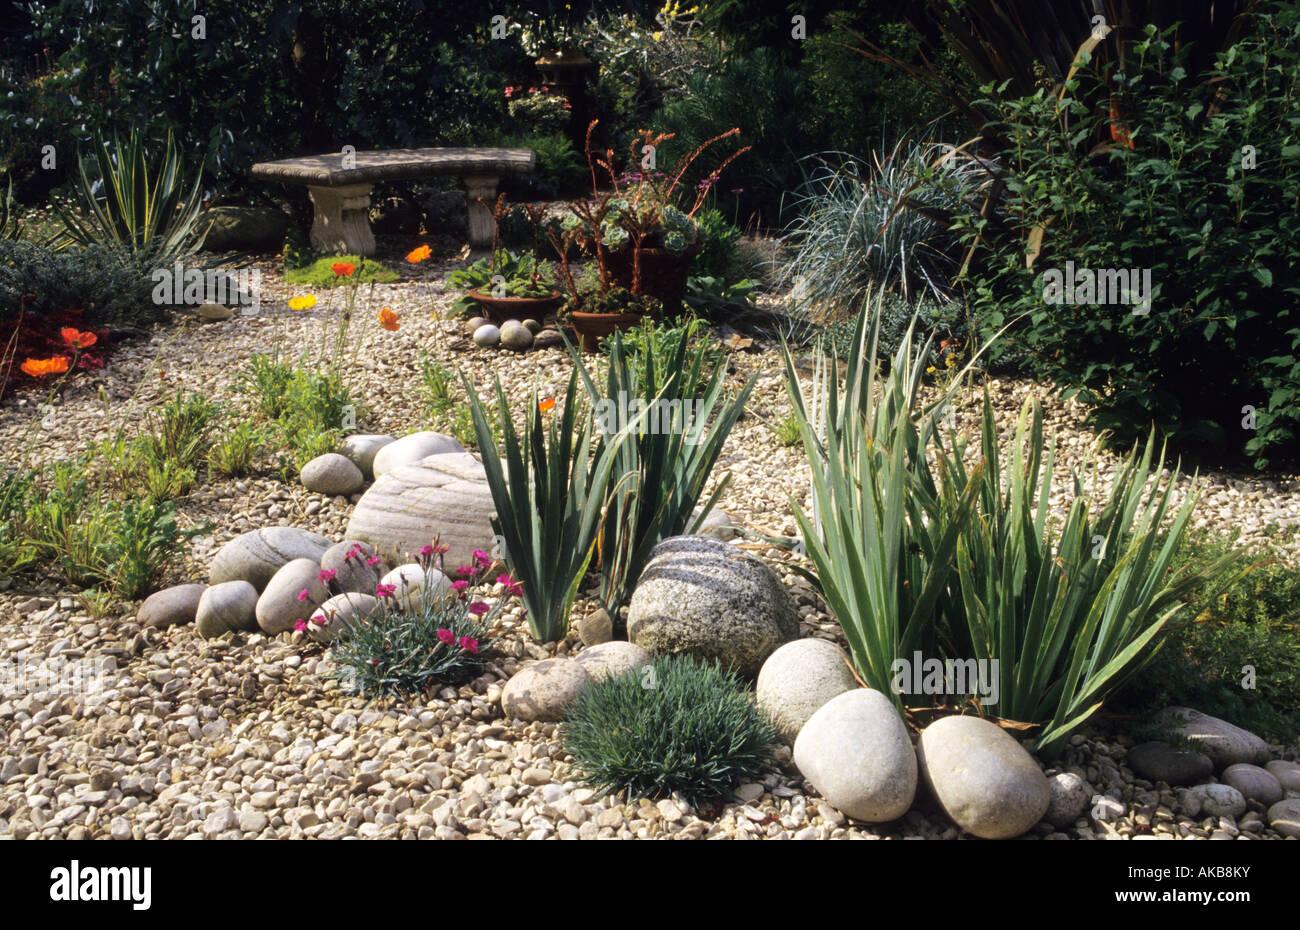 Heathfield Surrey Gravel Garden With Stones Pebbles Phormium Stone Seat